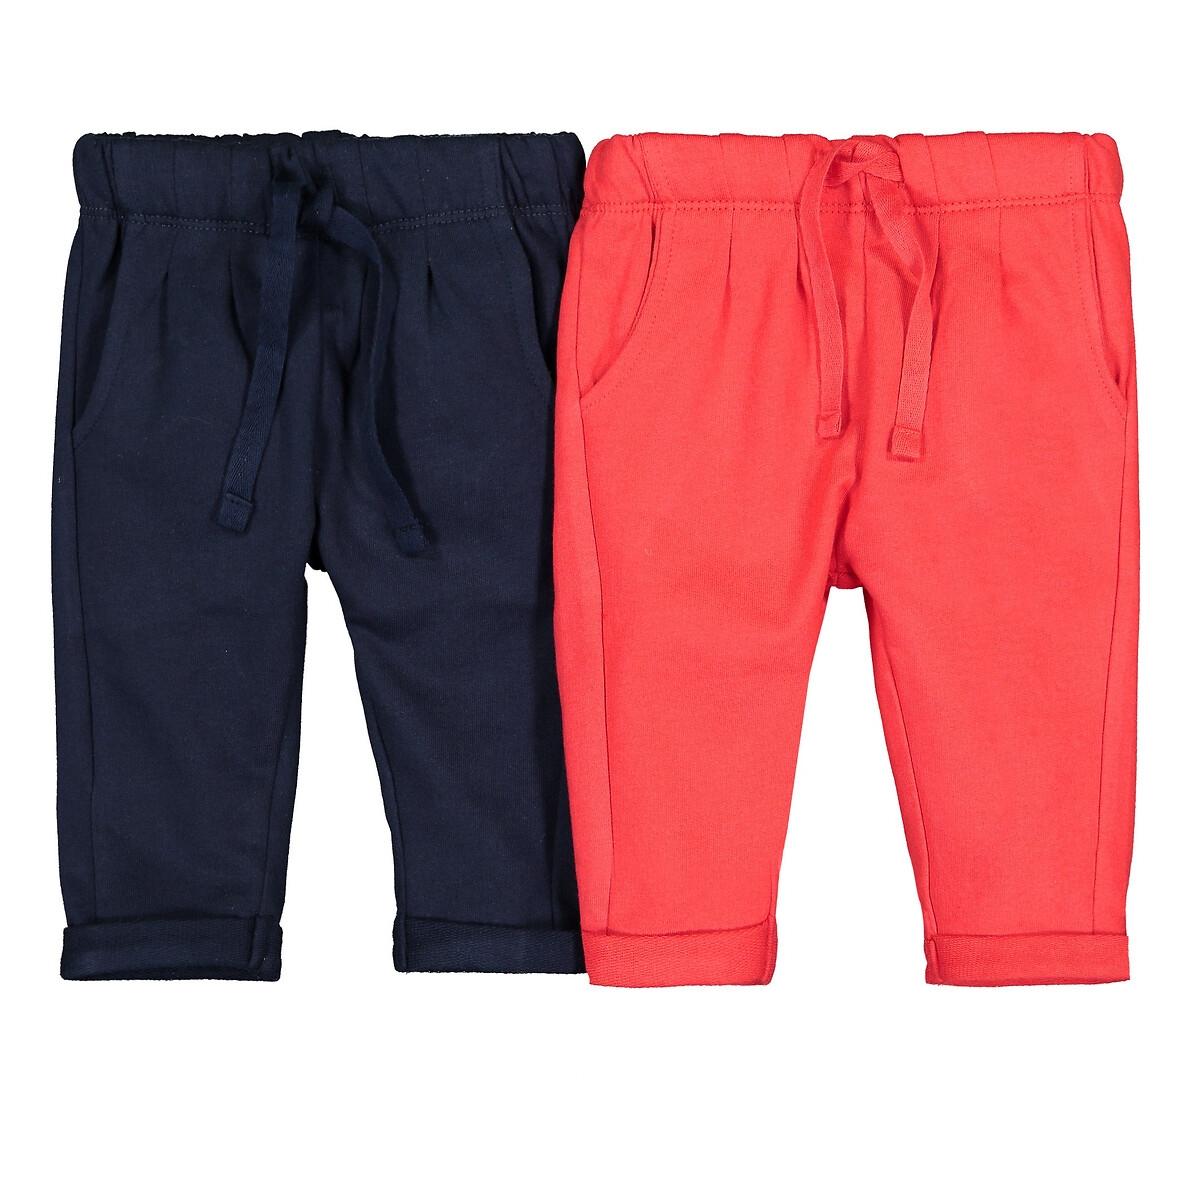 Комплект из 2 штанишек из LaRedoute Мольтона 1 мес-4 лет 1 мес. - 54 см красный брюки laredoute из мольтона с бантом 1 мес 3 года 9 мес 71 см розовый